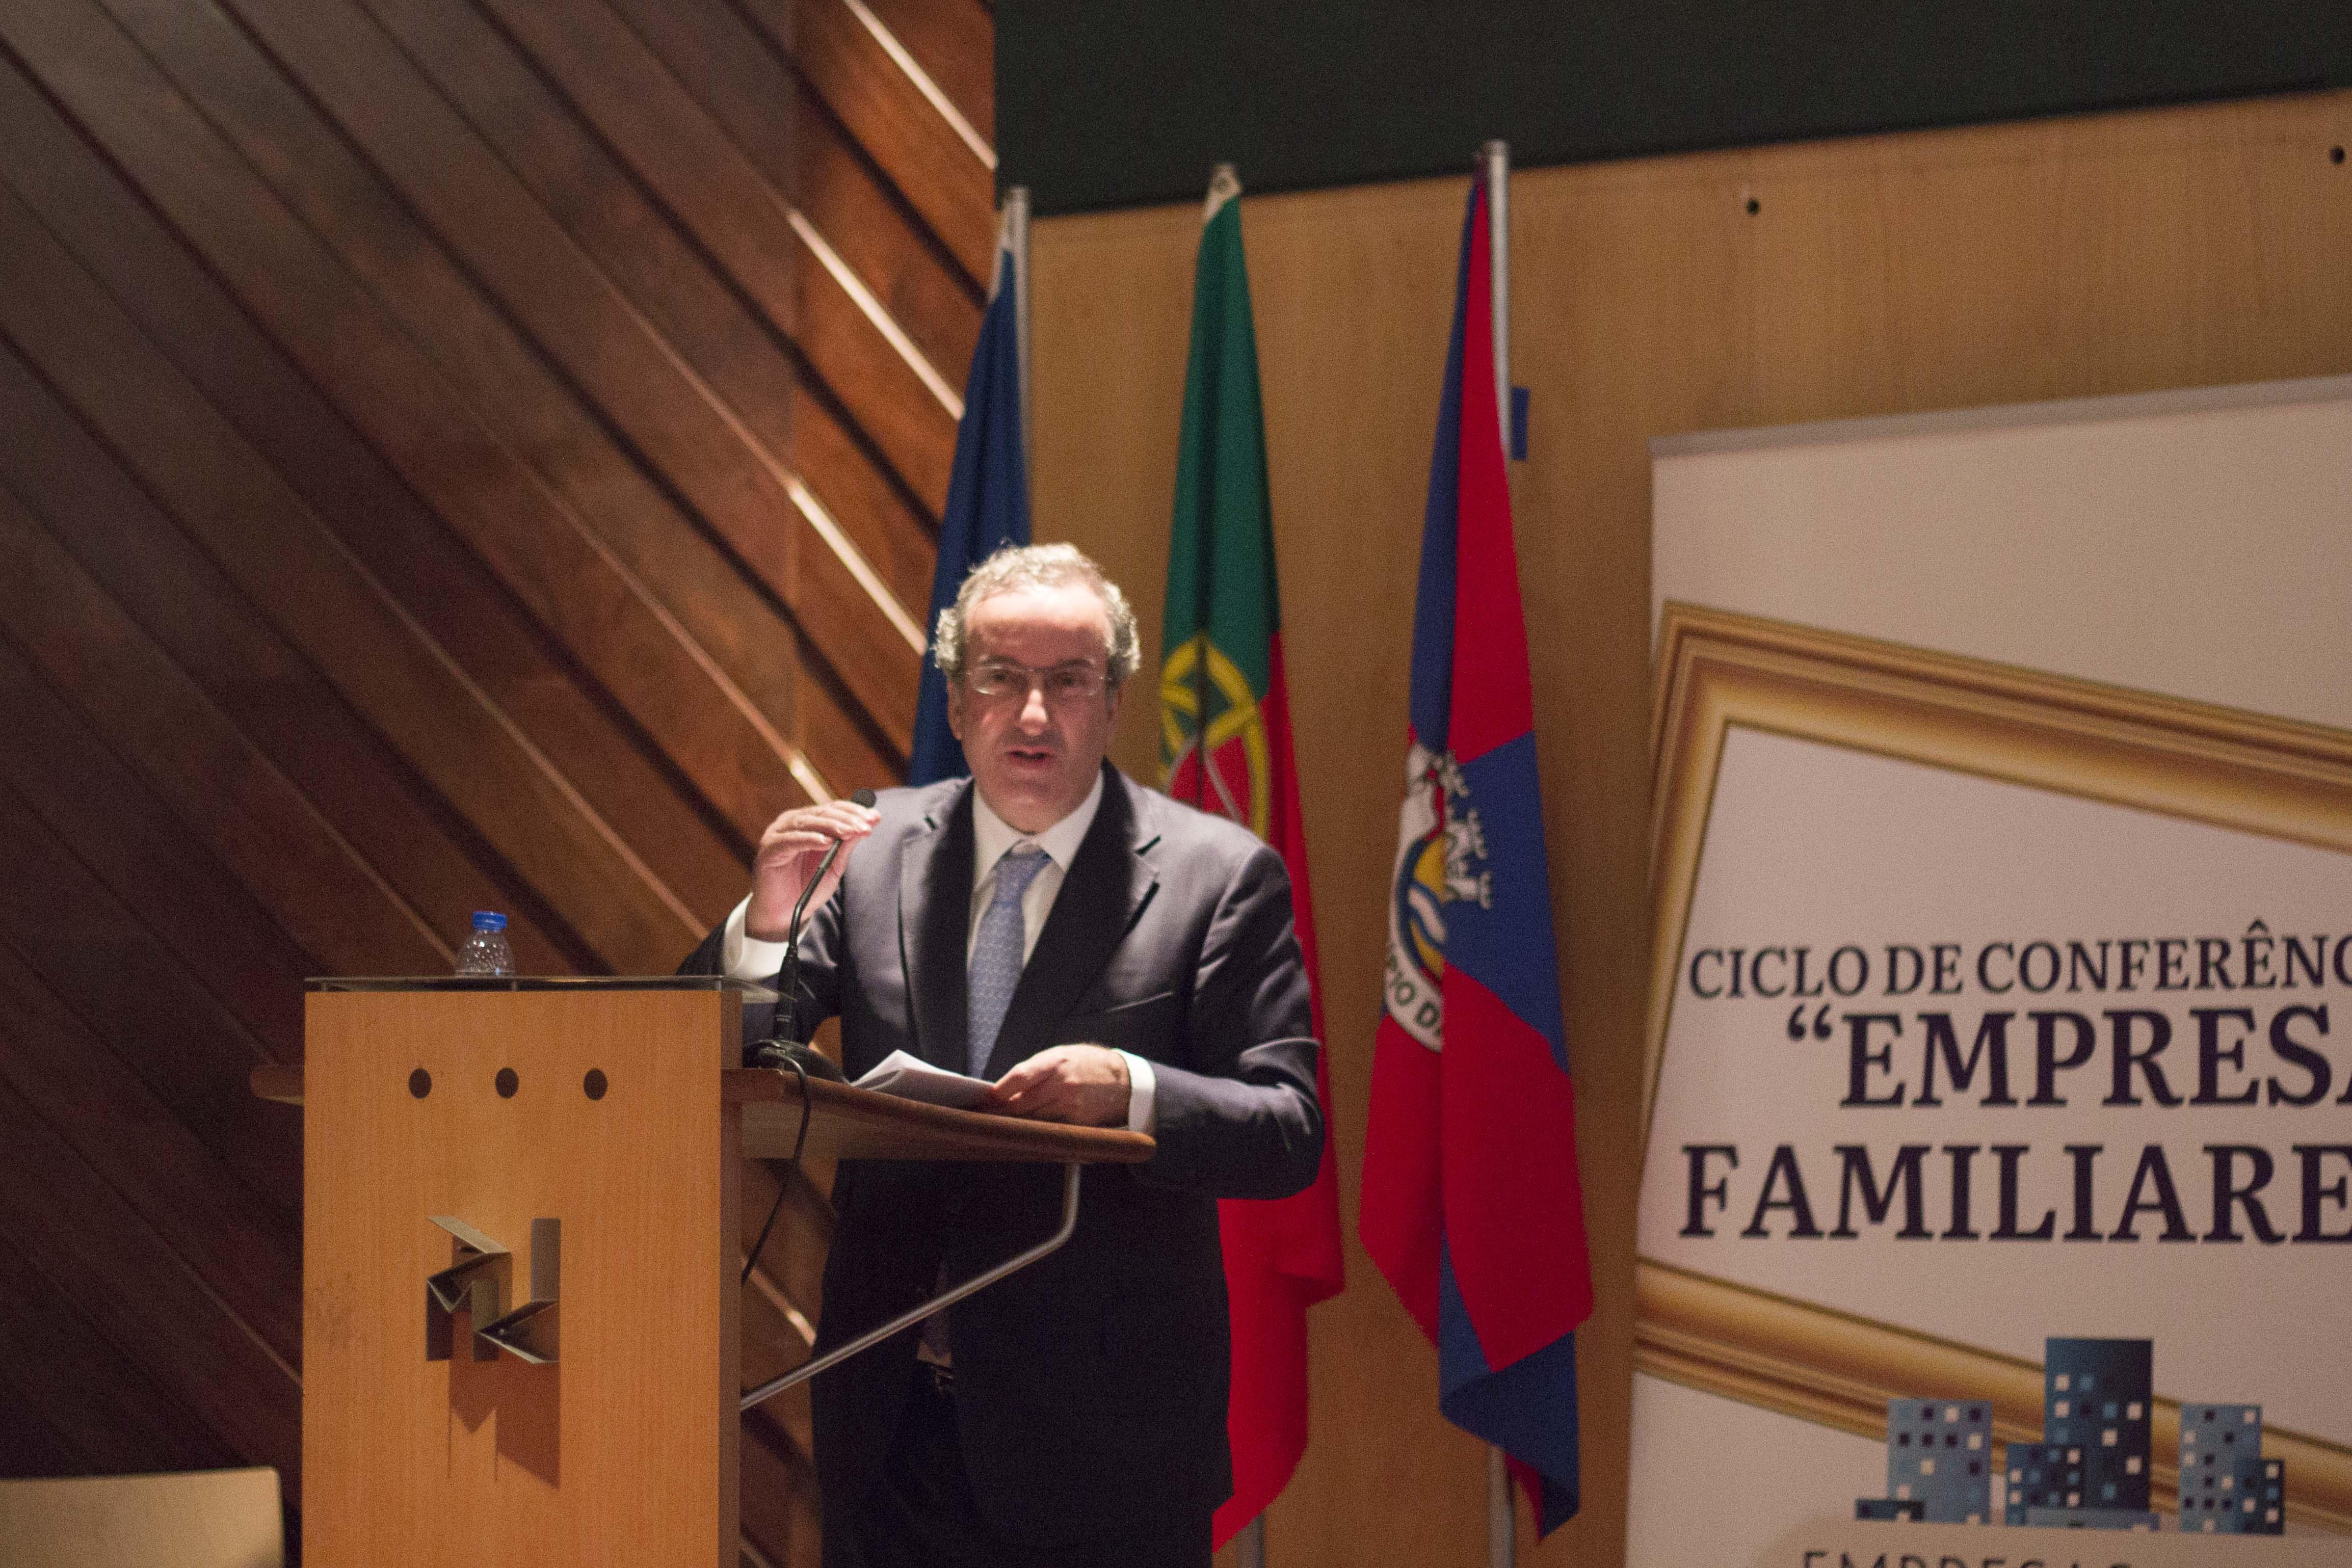 Maia, 09/07/2015 - 1ª Conferência A sucessão da liderança na empresa familiar no âmbito do ciclo de conferências